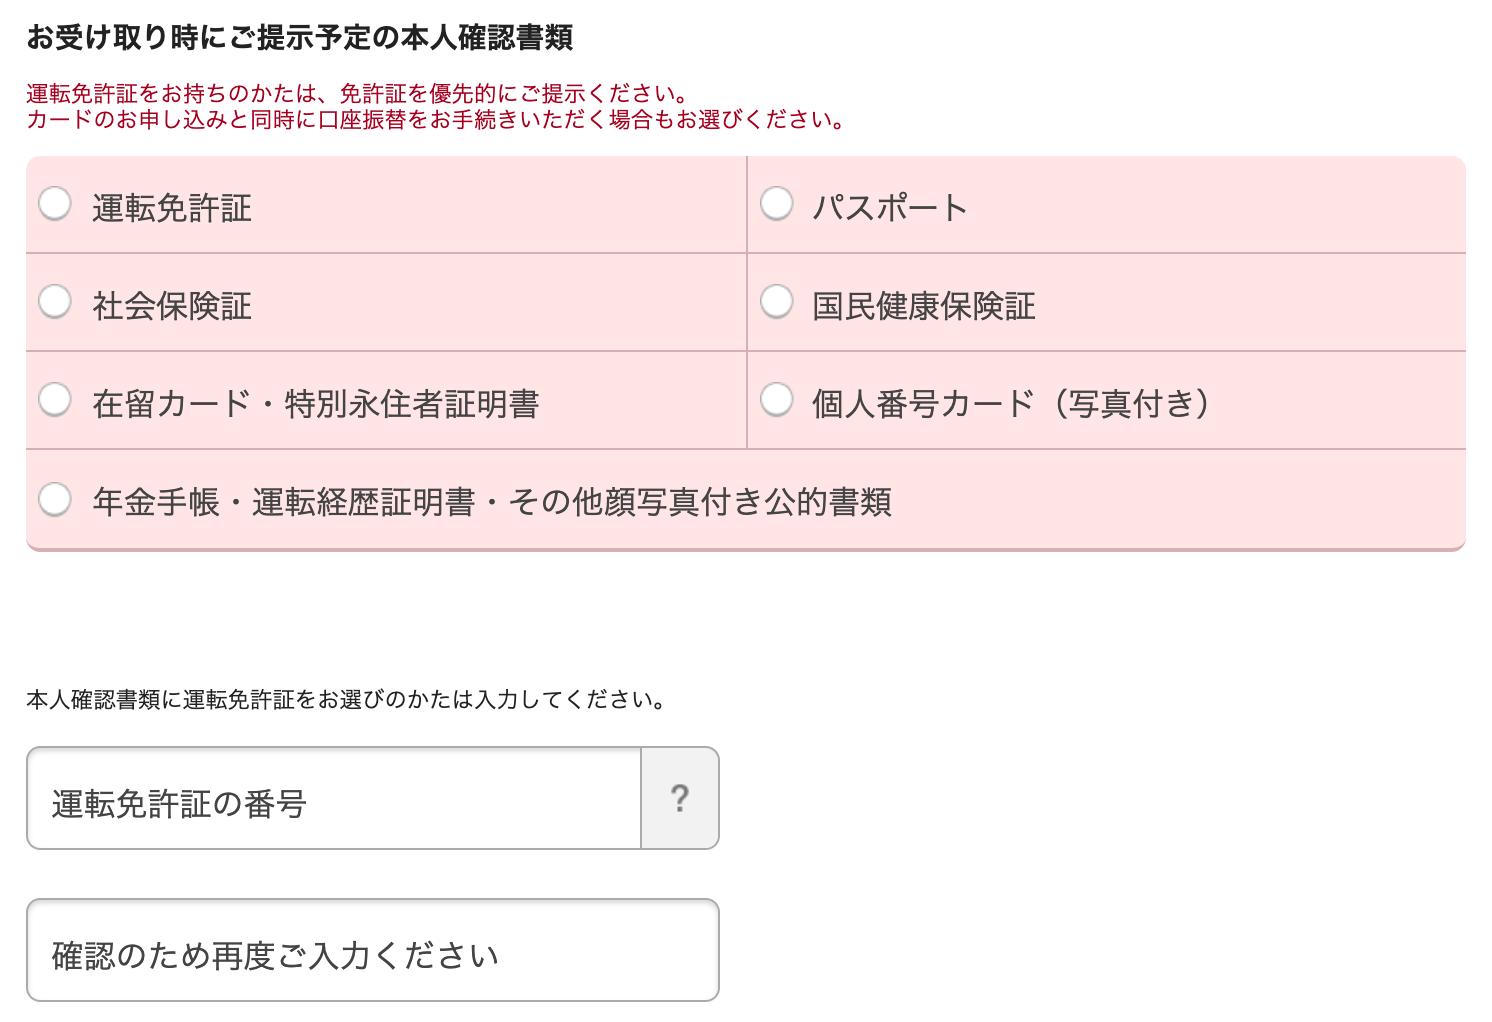 エポスカード申込み手順12